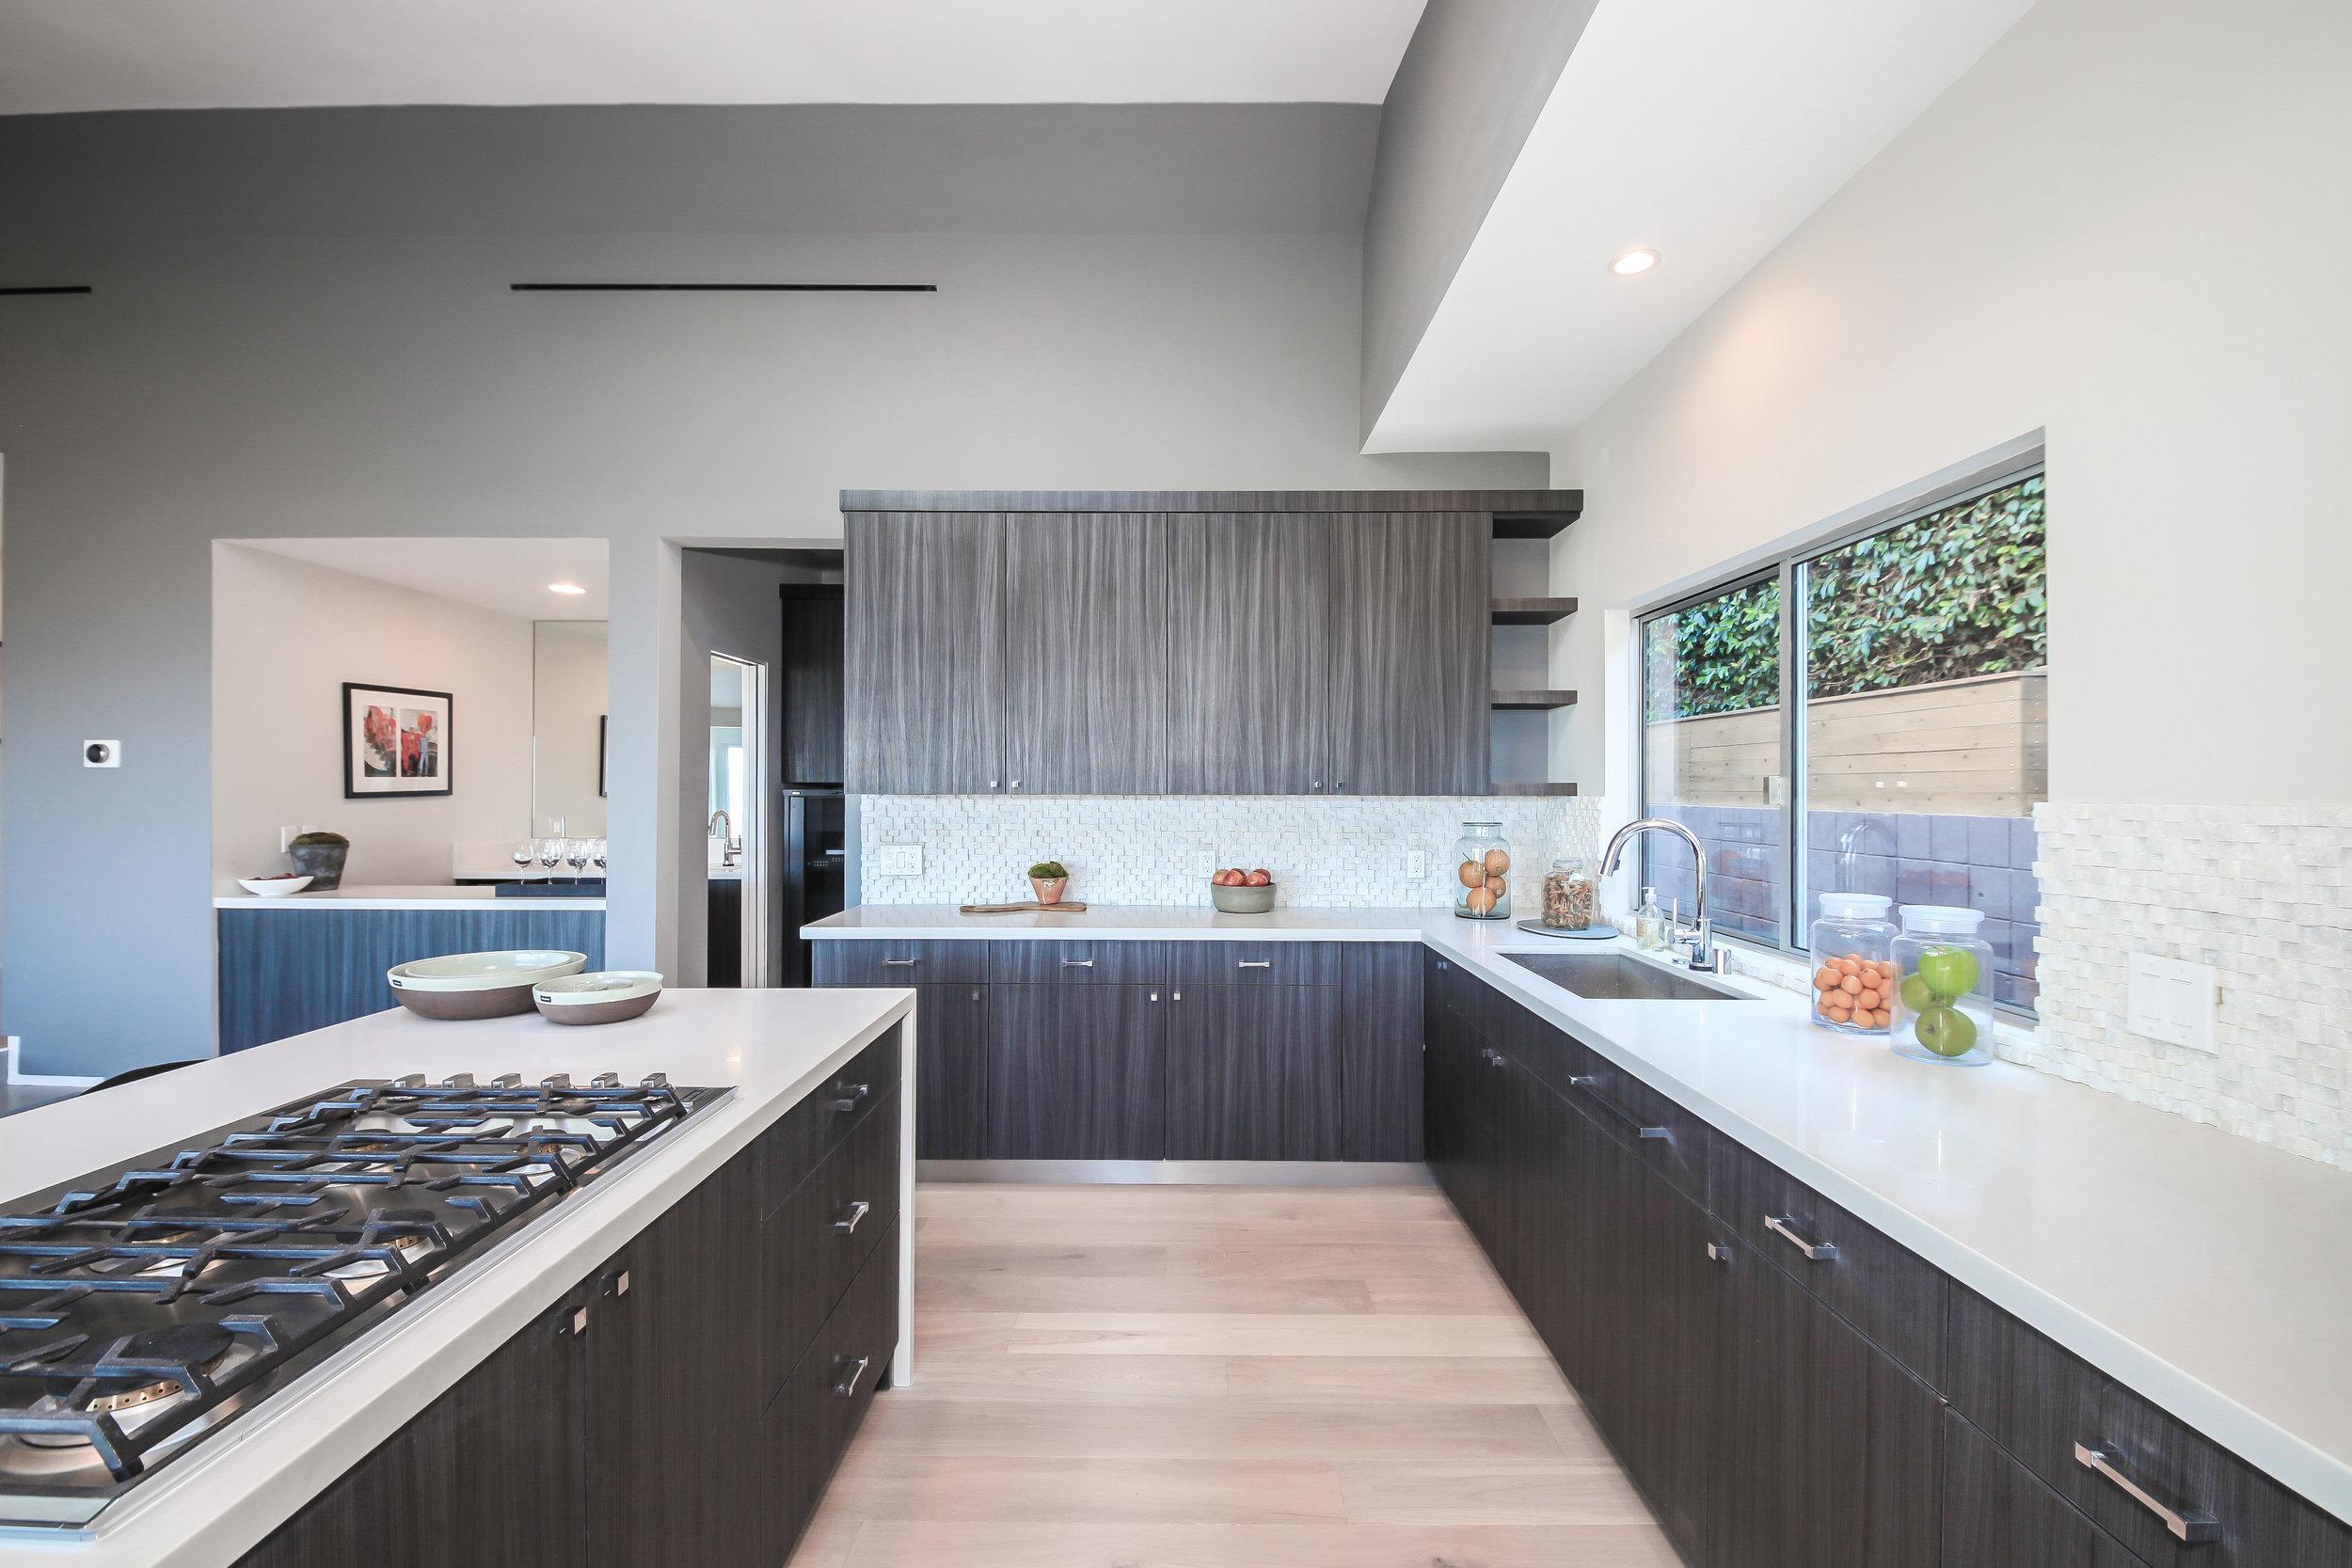 019-photo-kitchen-1956499.jpg